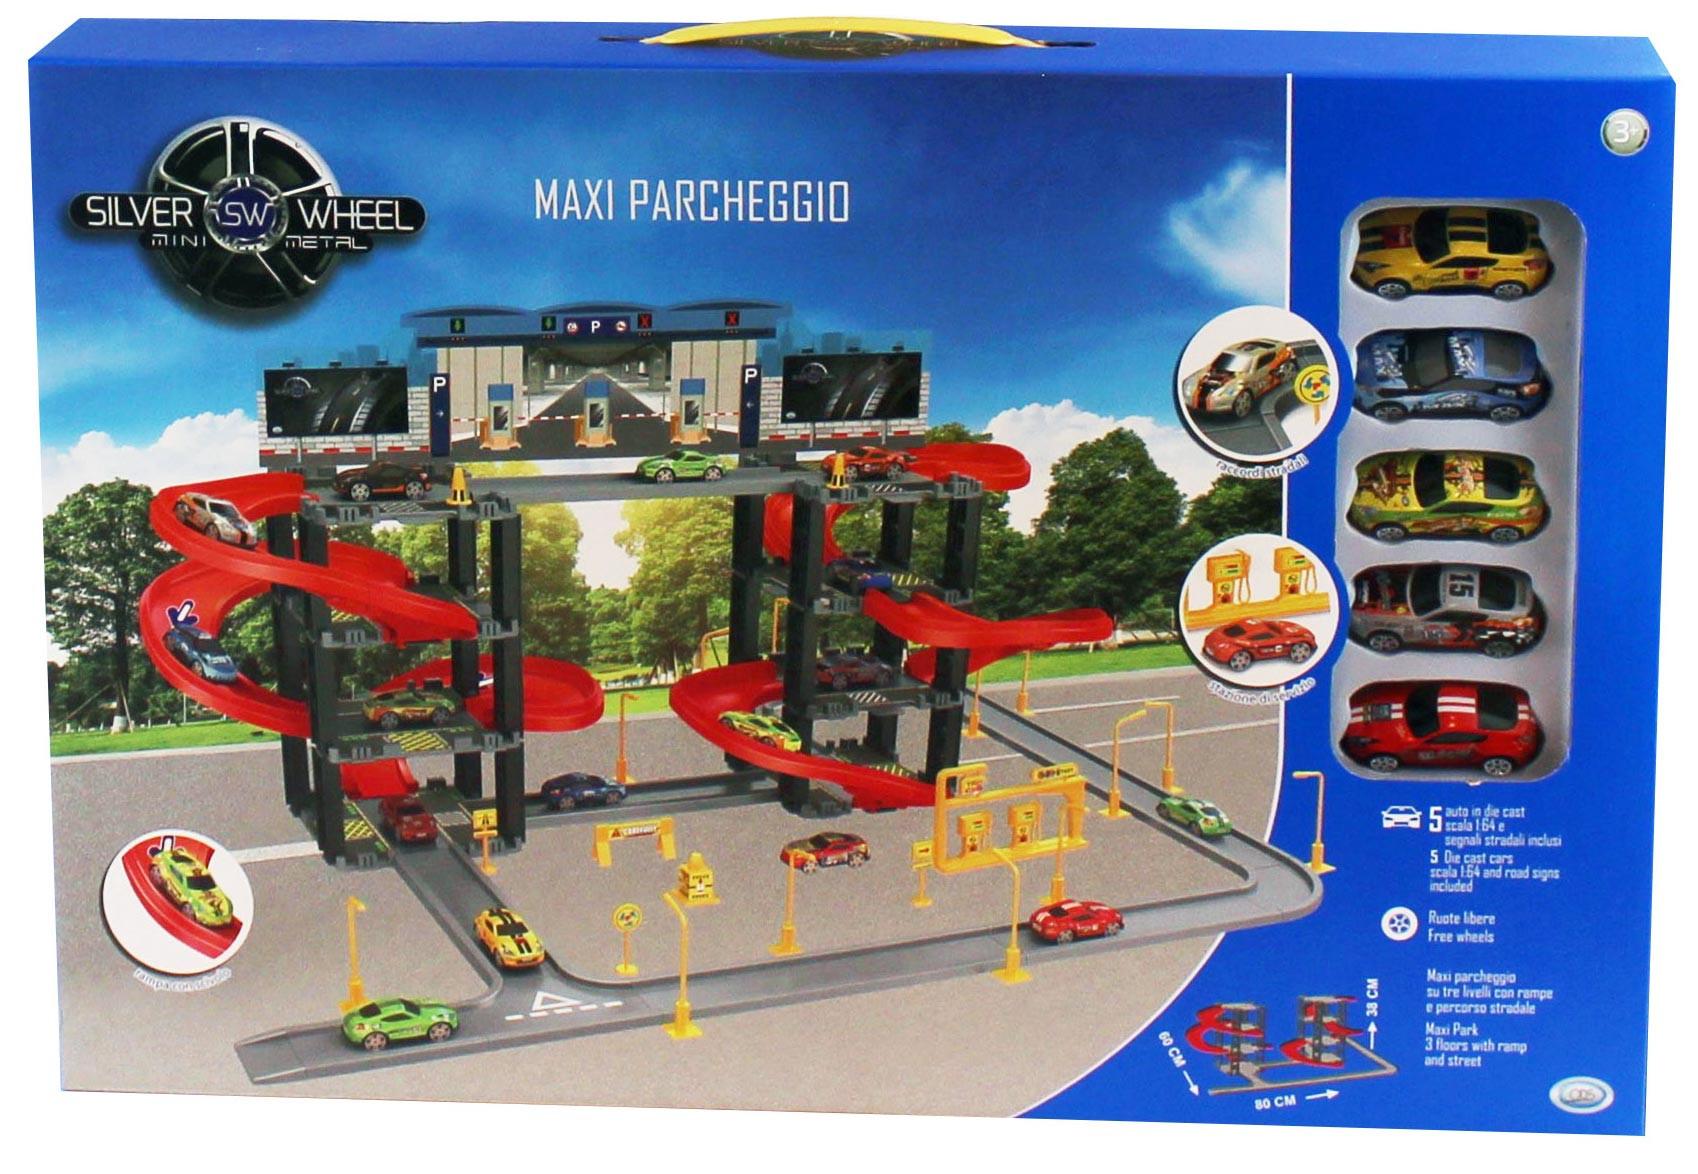 Maxi Parcheggio Silver Wheel